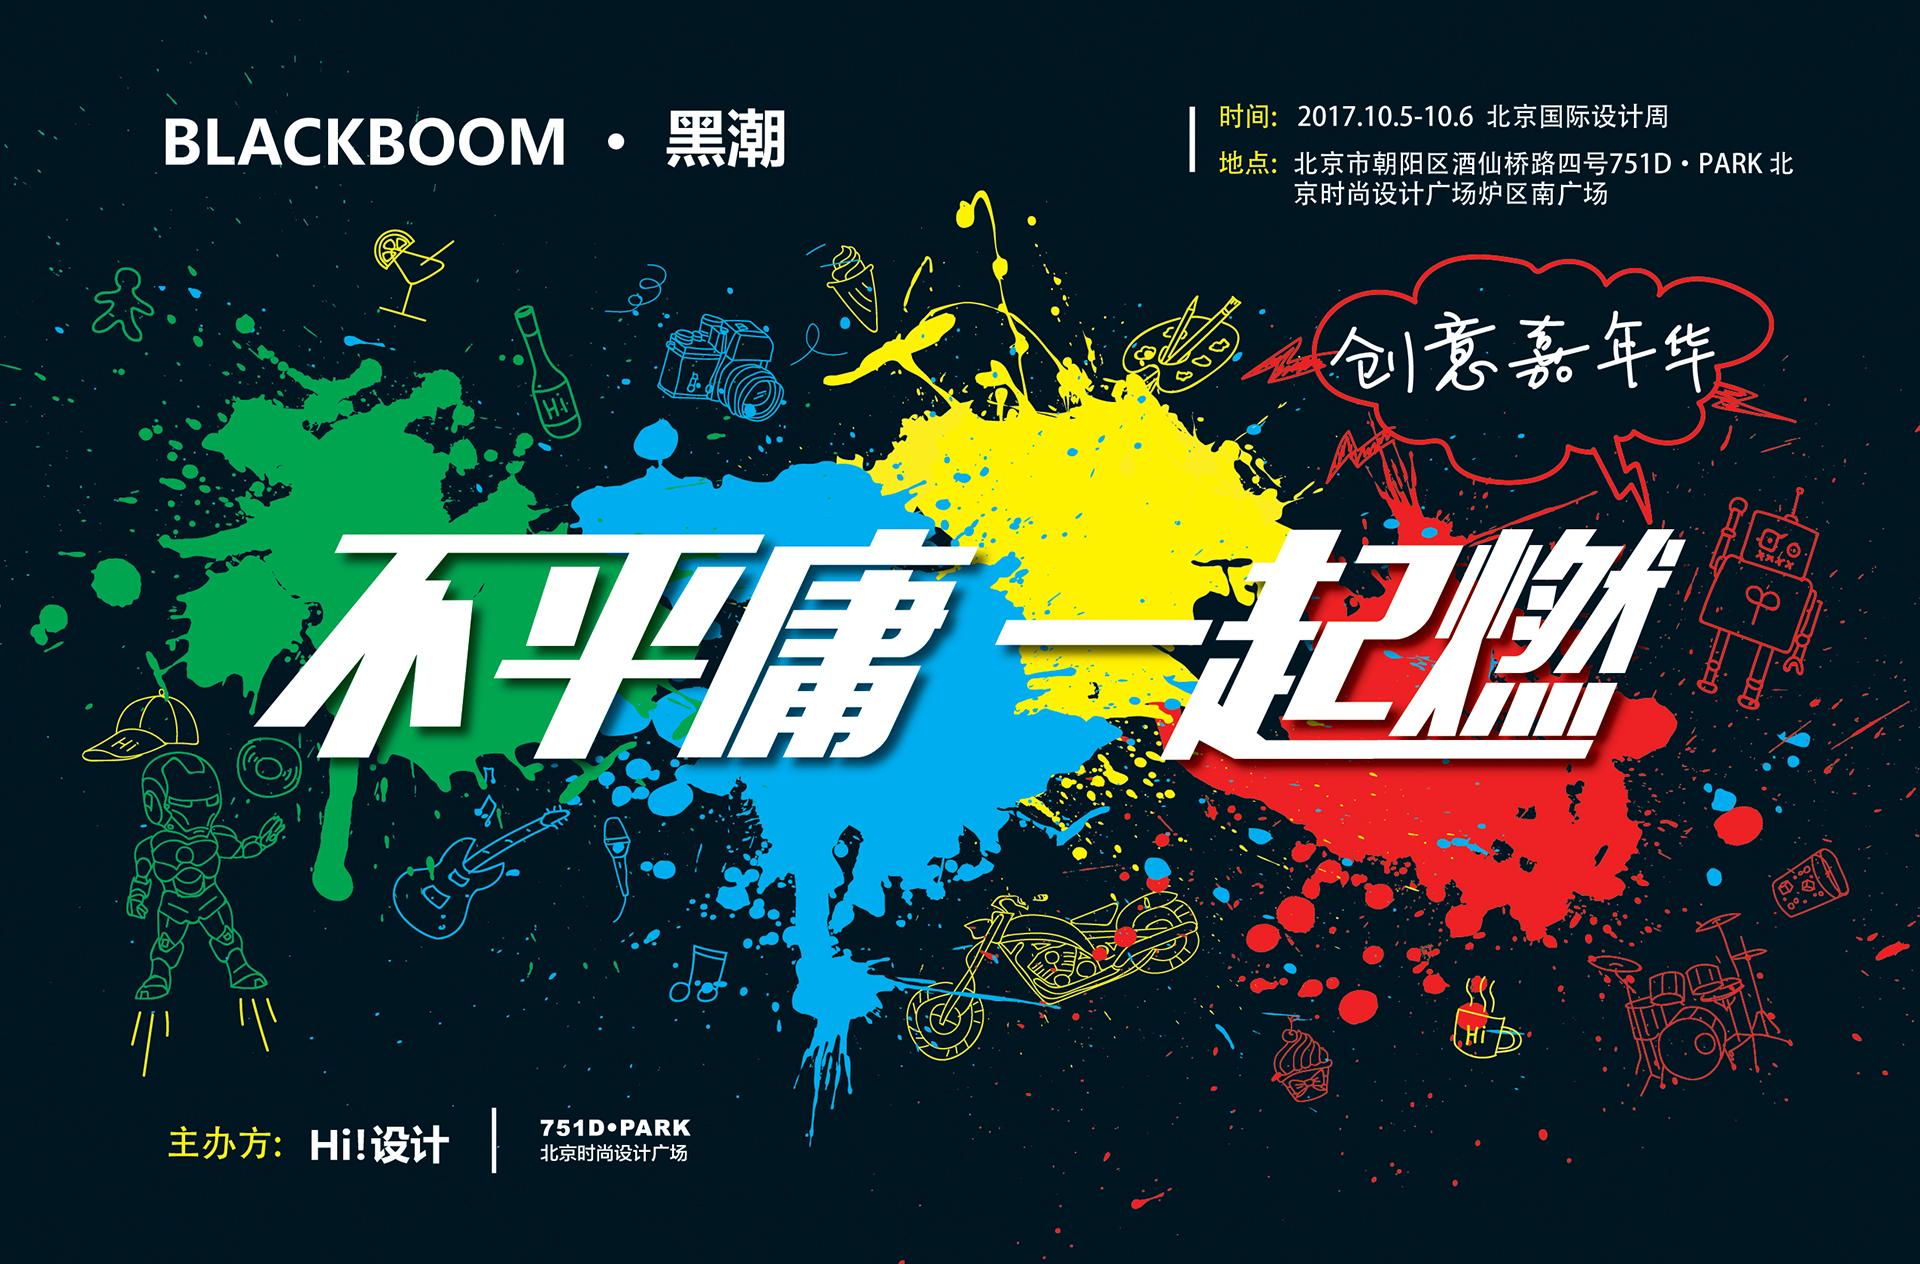 """这恐怕是北京国际设计周有史以来最""""黑""""的一个活动"""